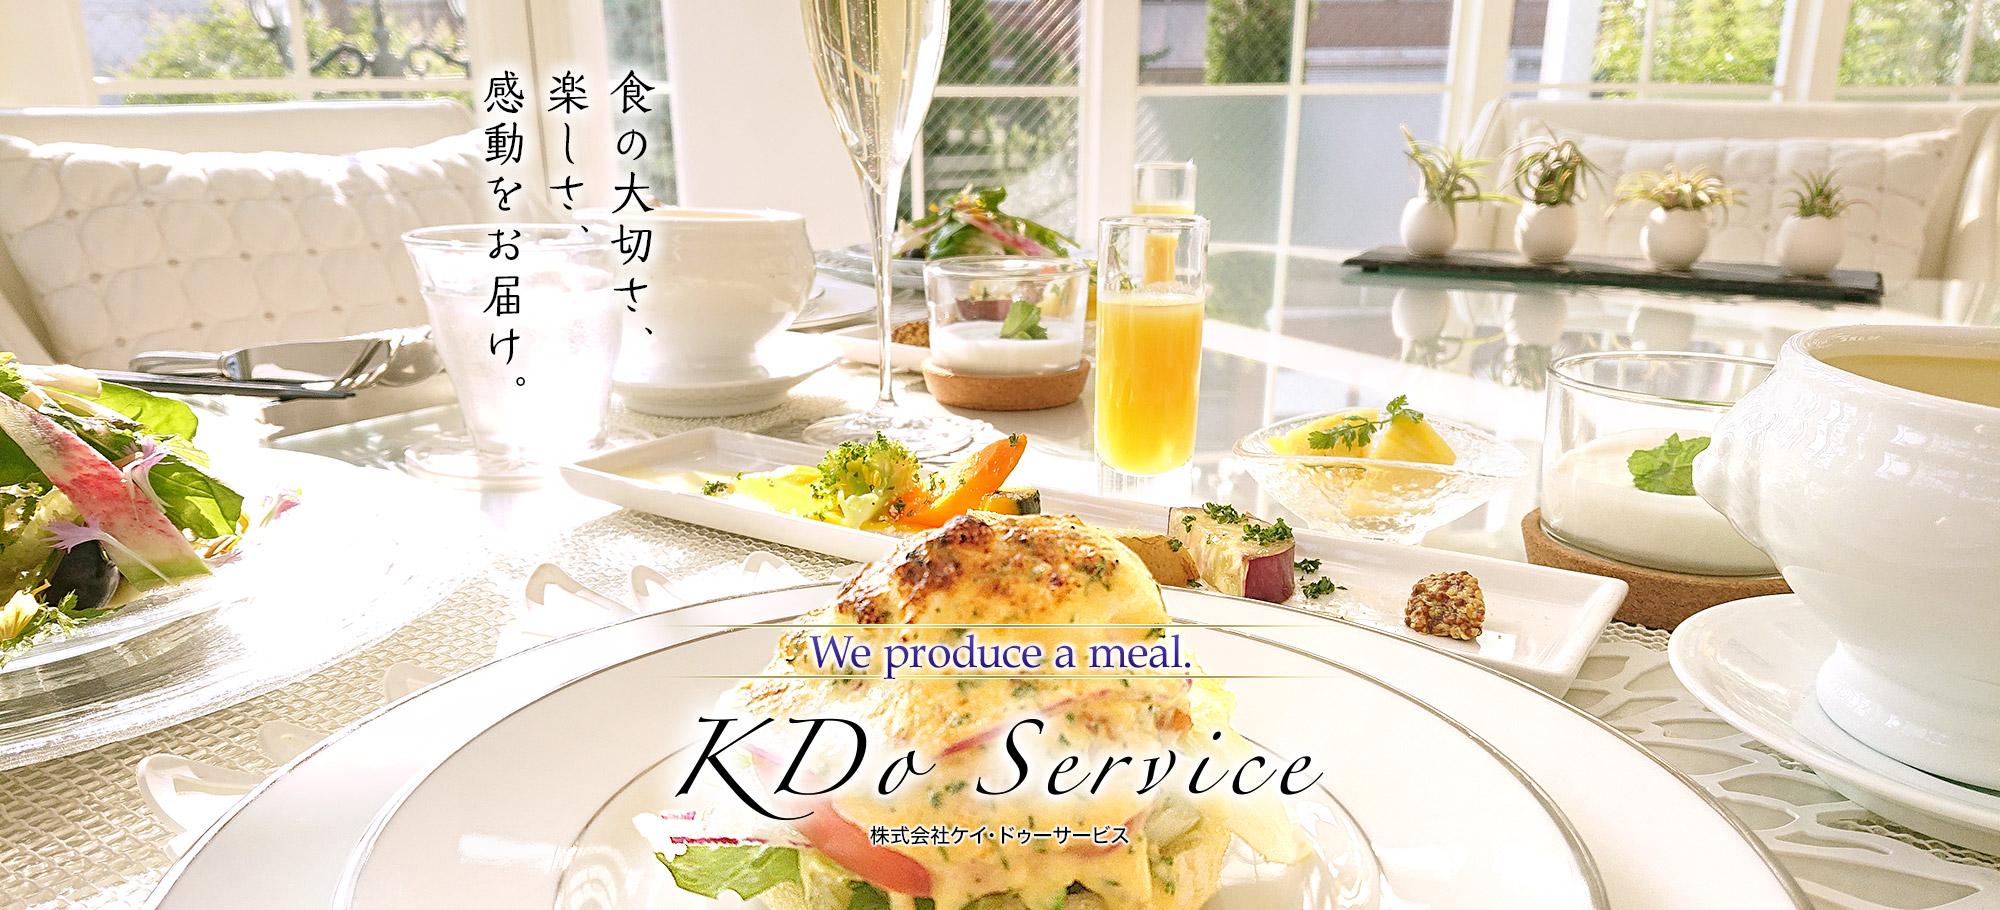 食の大切さ、 楽しさ、 感動をお届け。We produce a meal. KDo Service 〜株式会社ケイ・ドゥーサービス〜